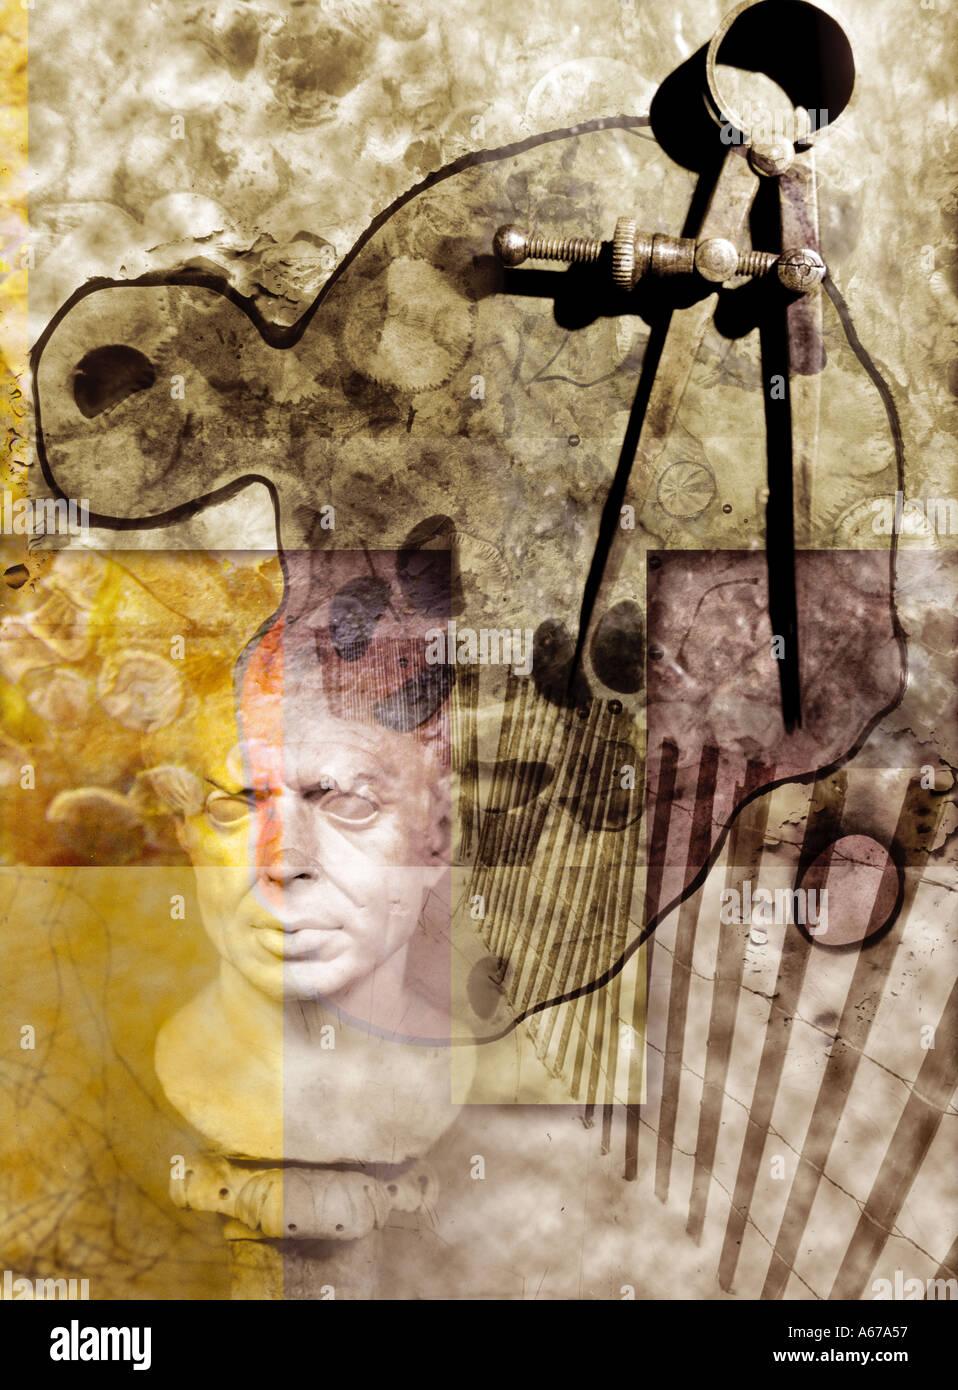 L'outil de rédaction et de collage buste romain Photo Stock